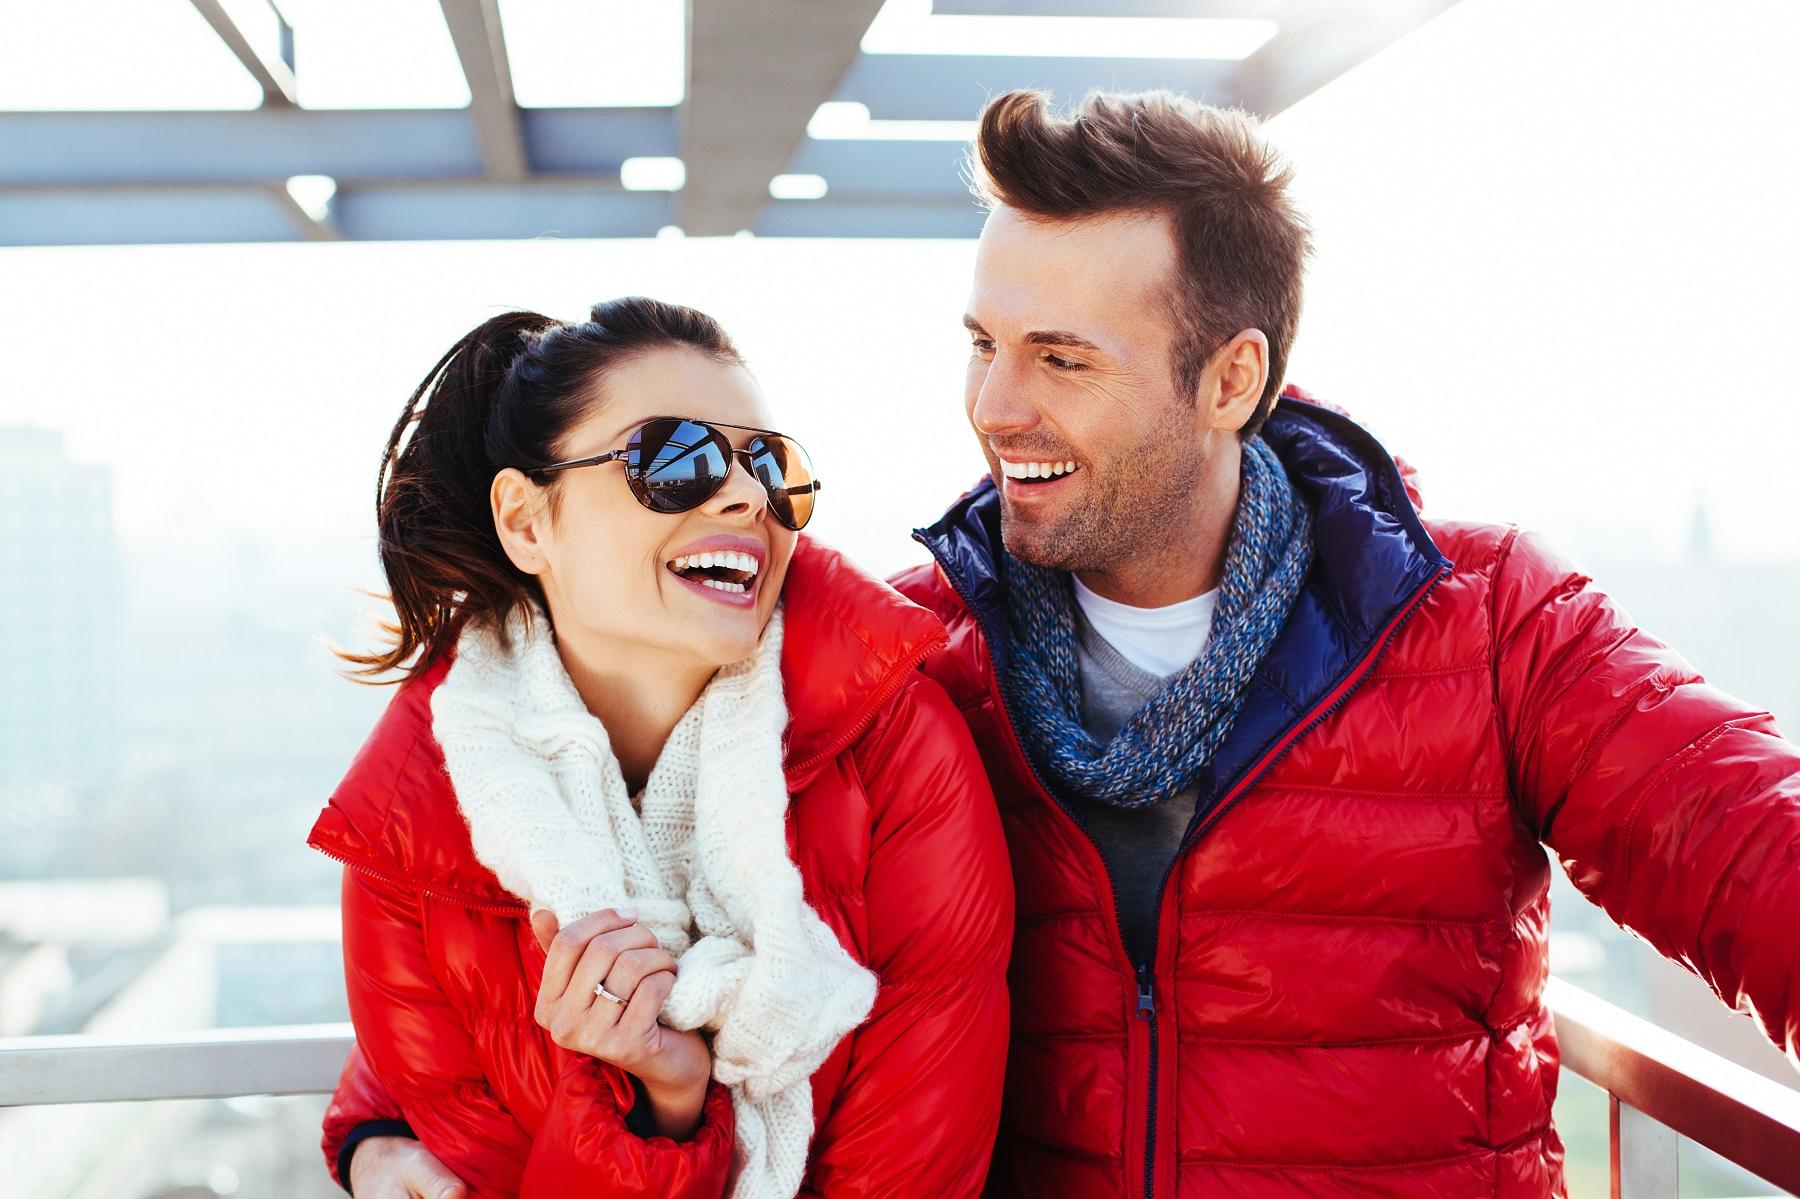 Zimowa energia – czerwona kurtka męska w miejskim wydaniu